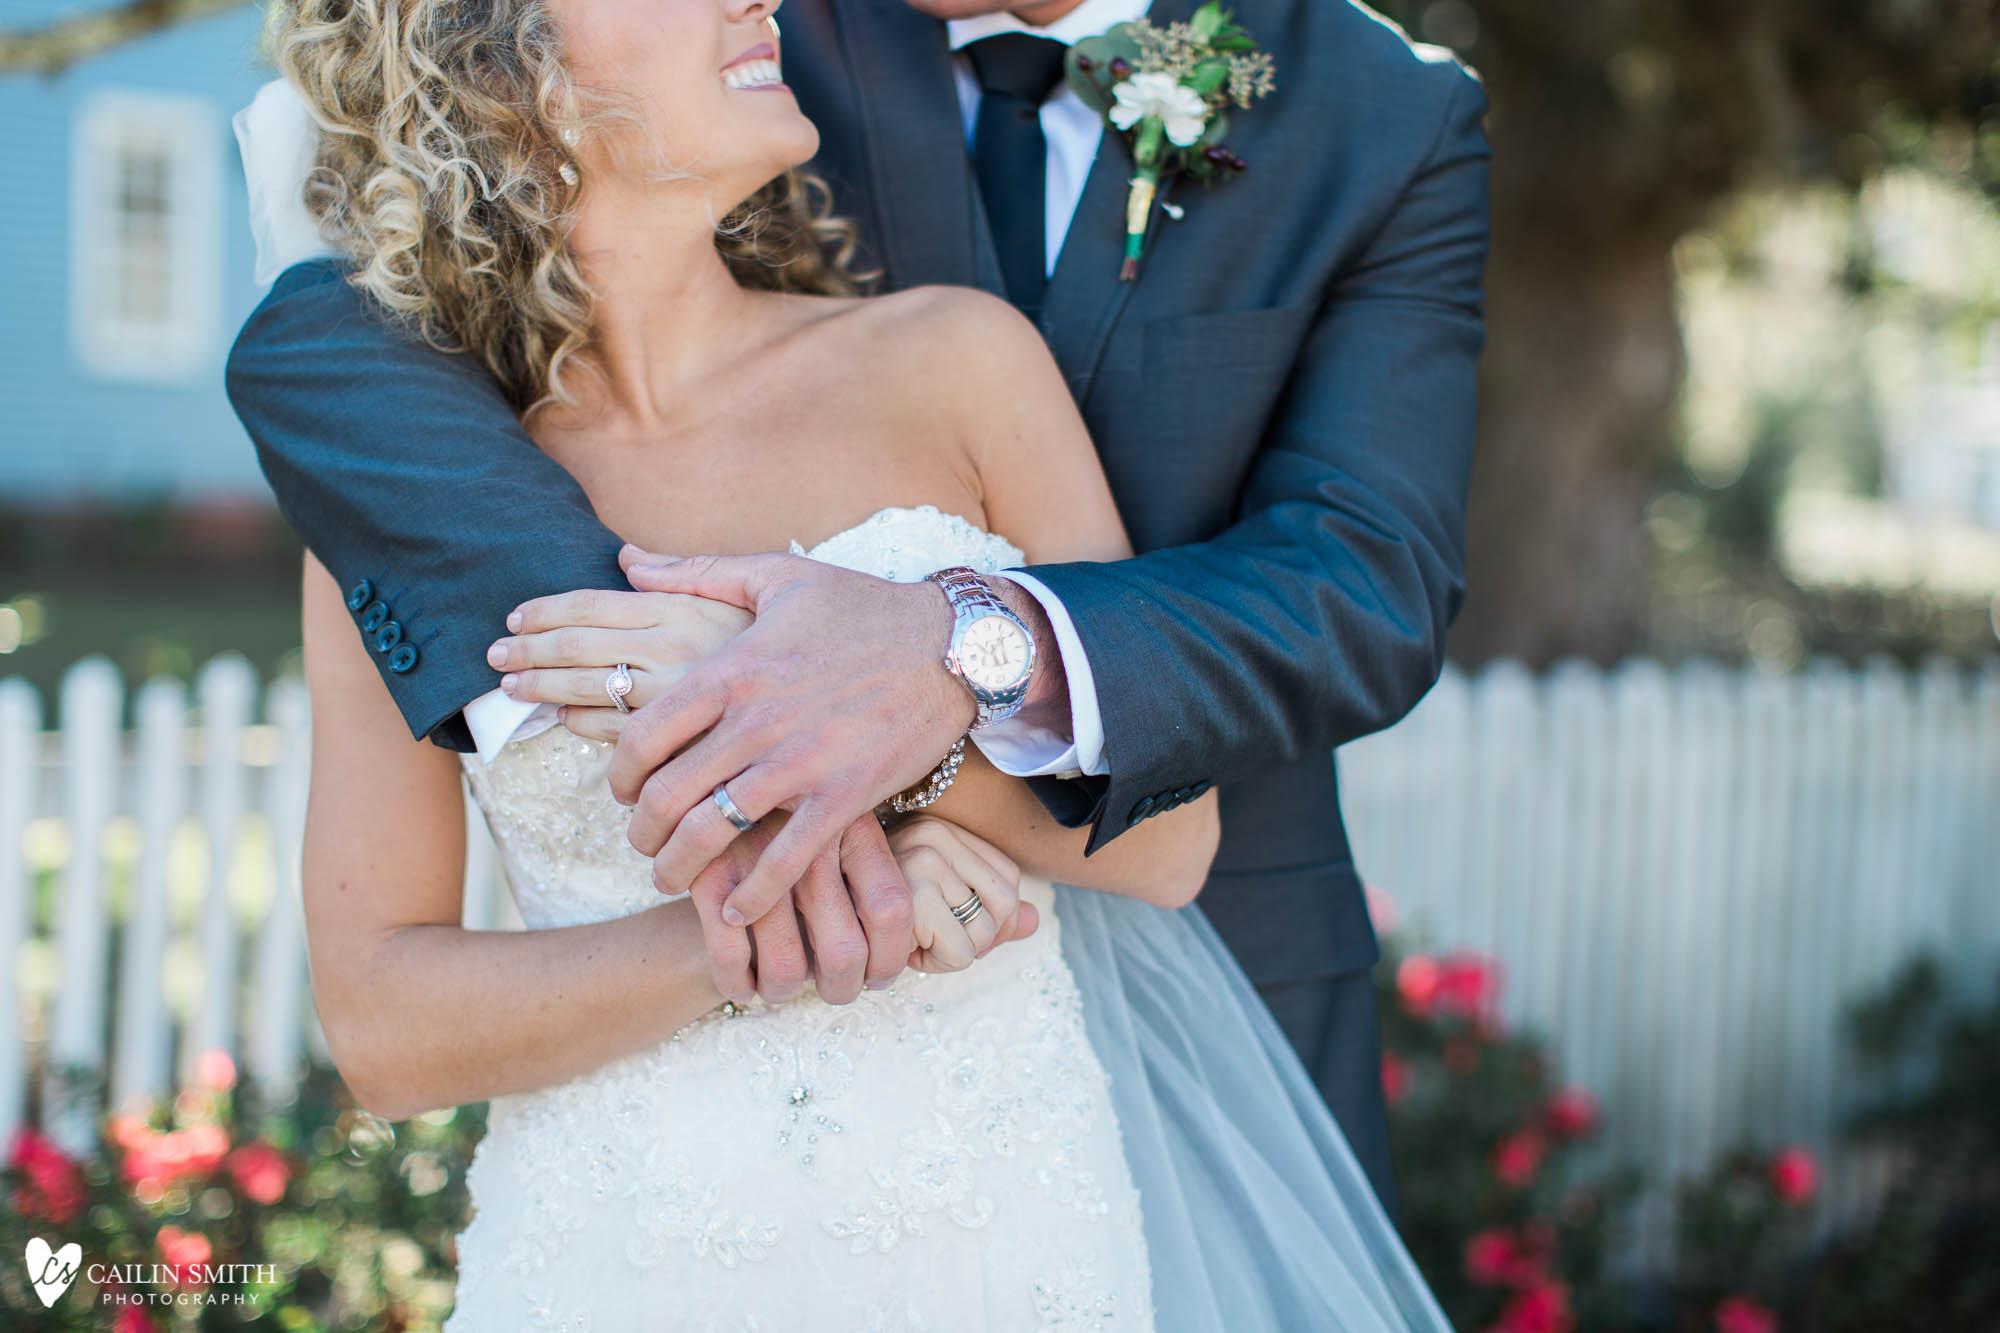 Leah_Major_St_Marys_Wedding_Photography_069.jpg